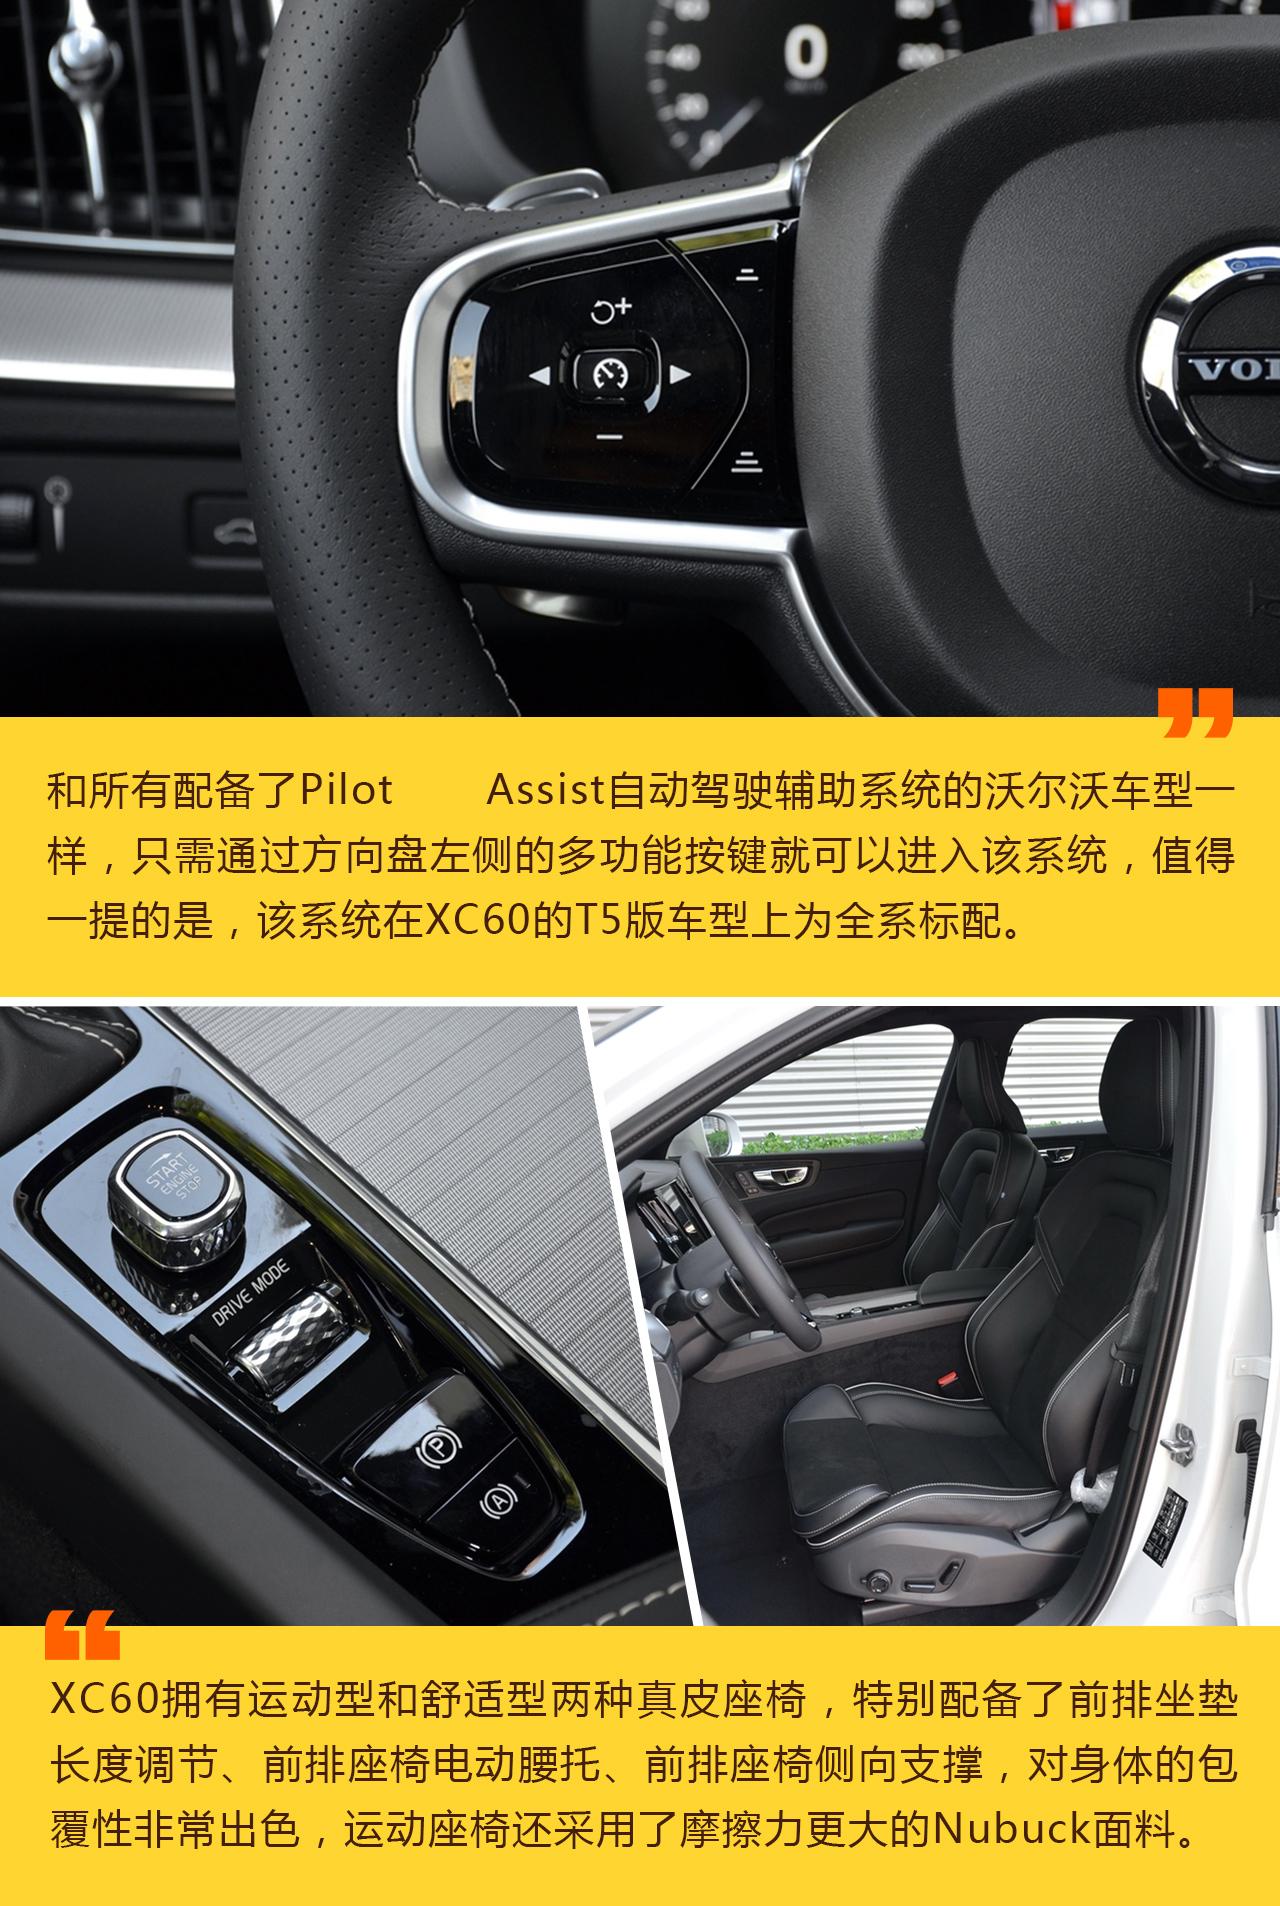 守护家人安全的多功能豪华SUV 沃尔沃XC60